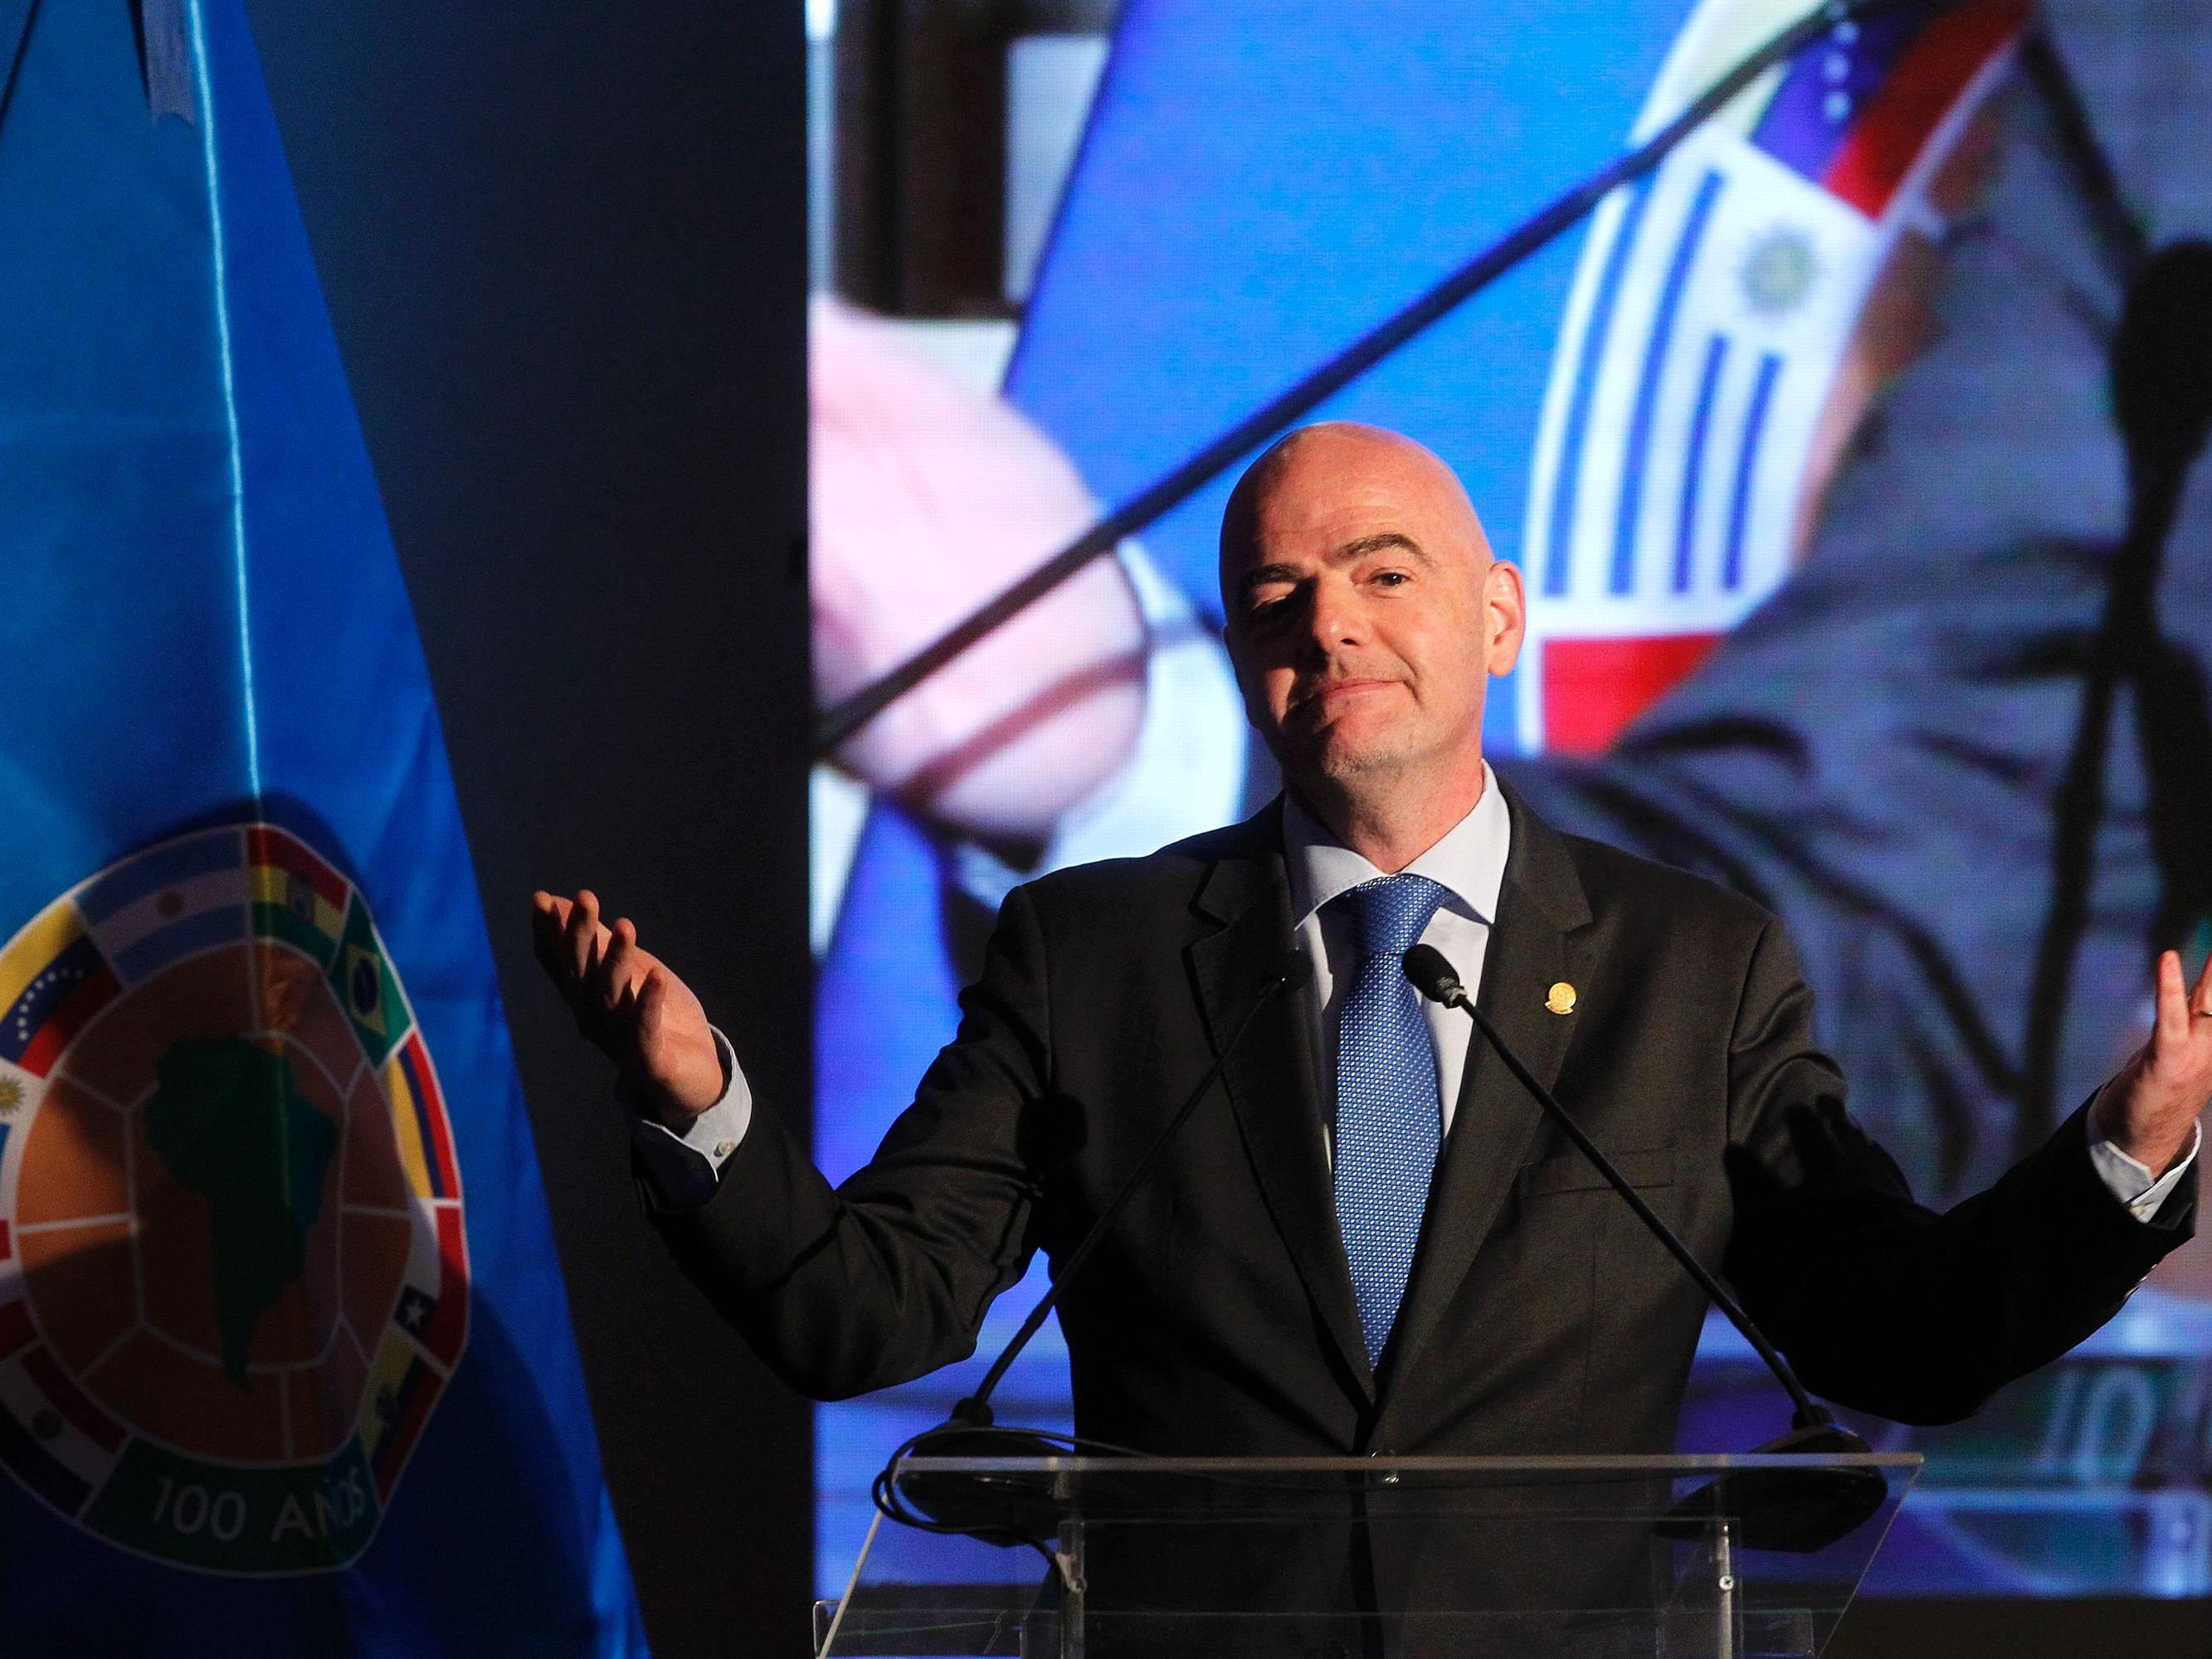 FIFA-Präsident Gianni Infantino kündigt Videobeweis für WM 2018 in Russland an.